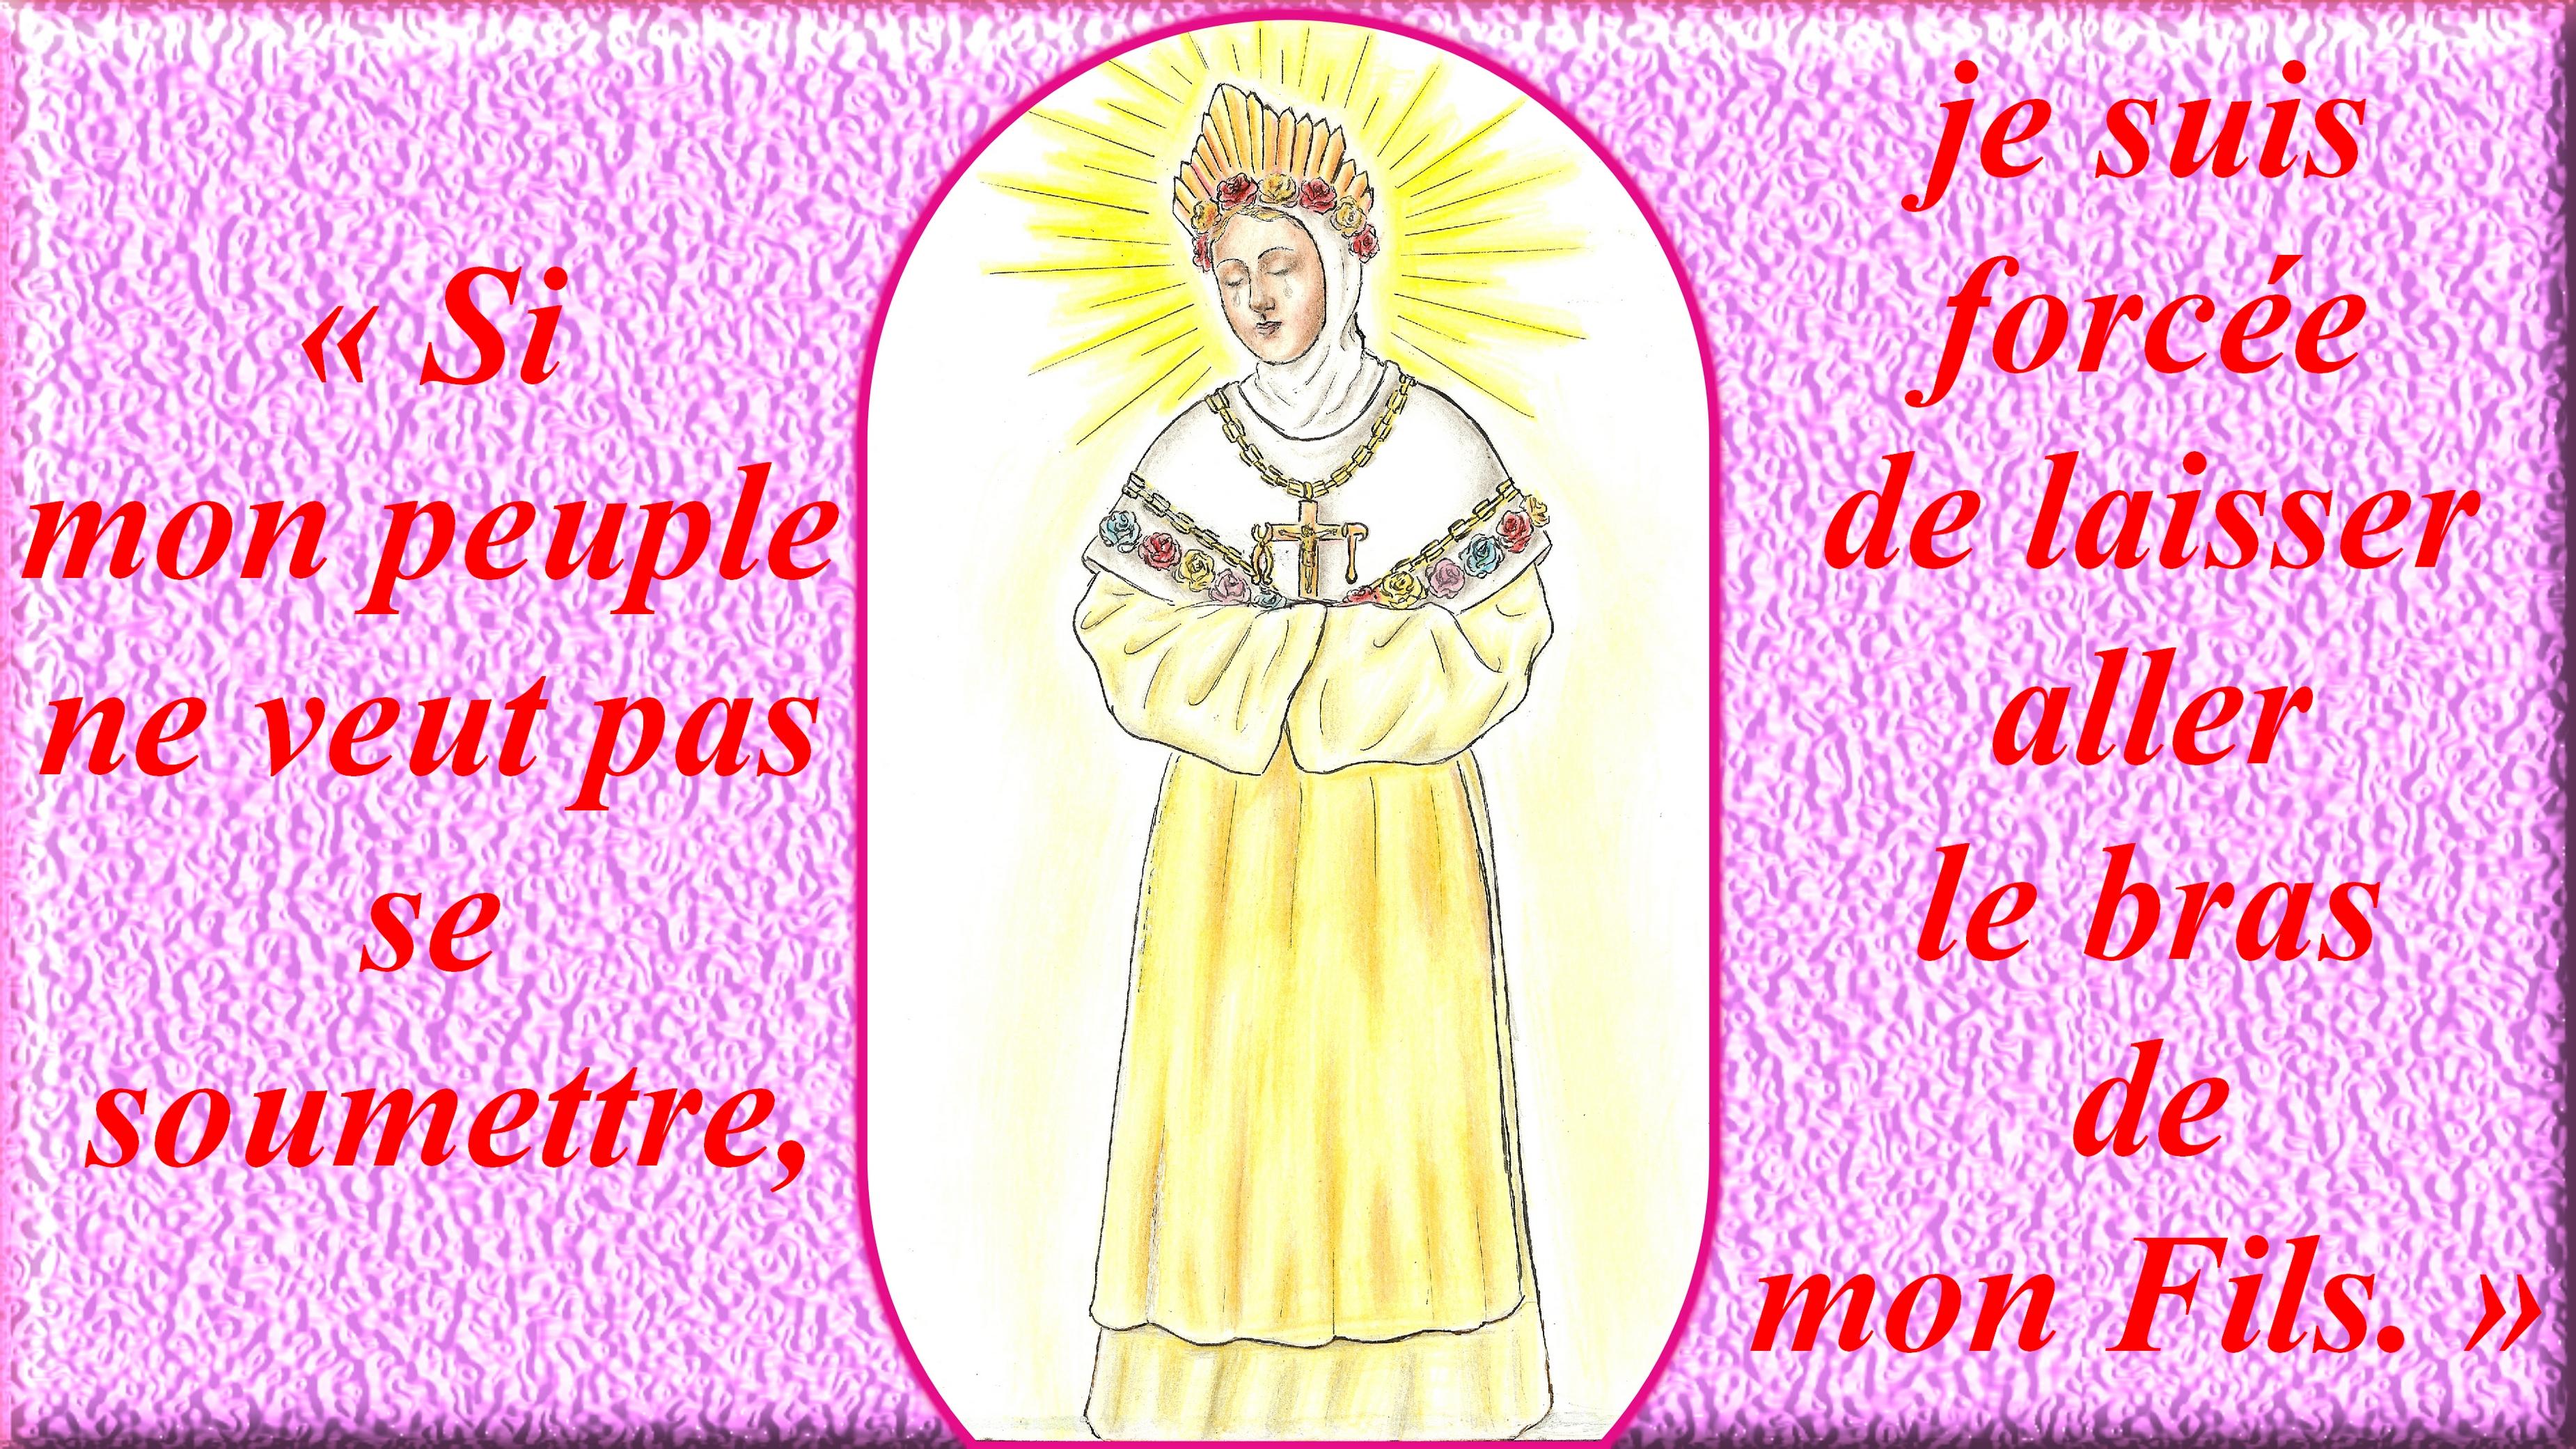 CALENDRIER CATHOLIQUE 2019 (Cantiques, Prières & Images) - Page 9 Notre-dame-de-la-salette-55cfd81